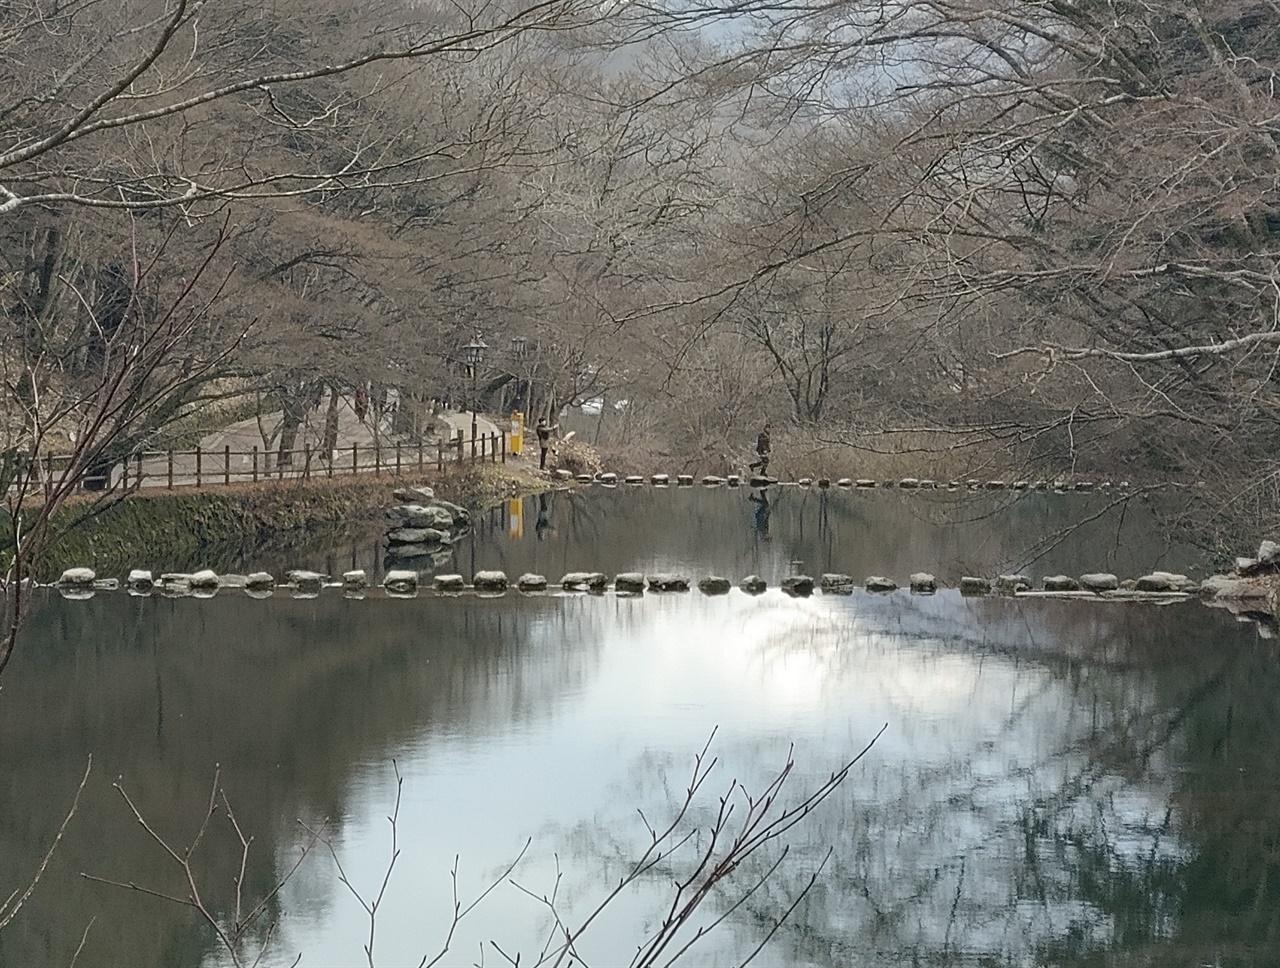 백양사 쌍계루 앞 징검다리 쌍계루 앞 연못에 2단으로 연속되어 있는 징검다리 전경